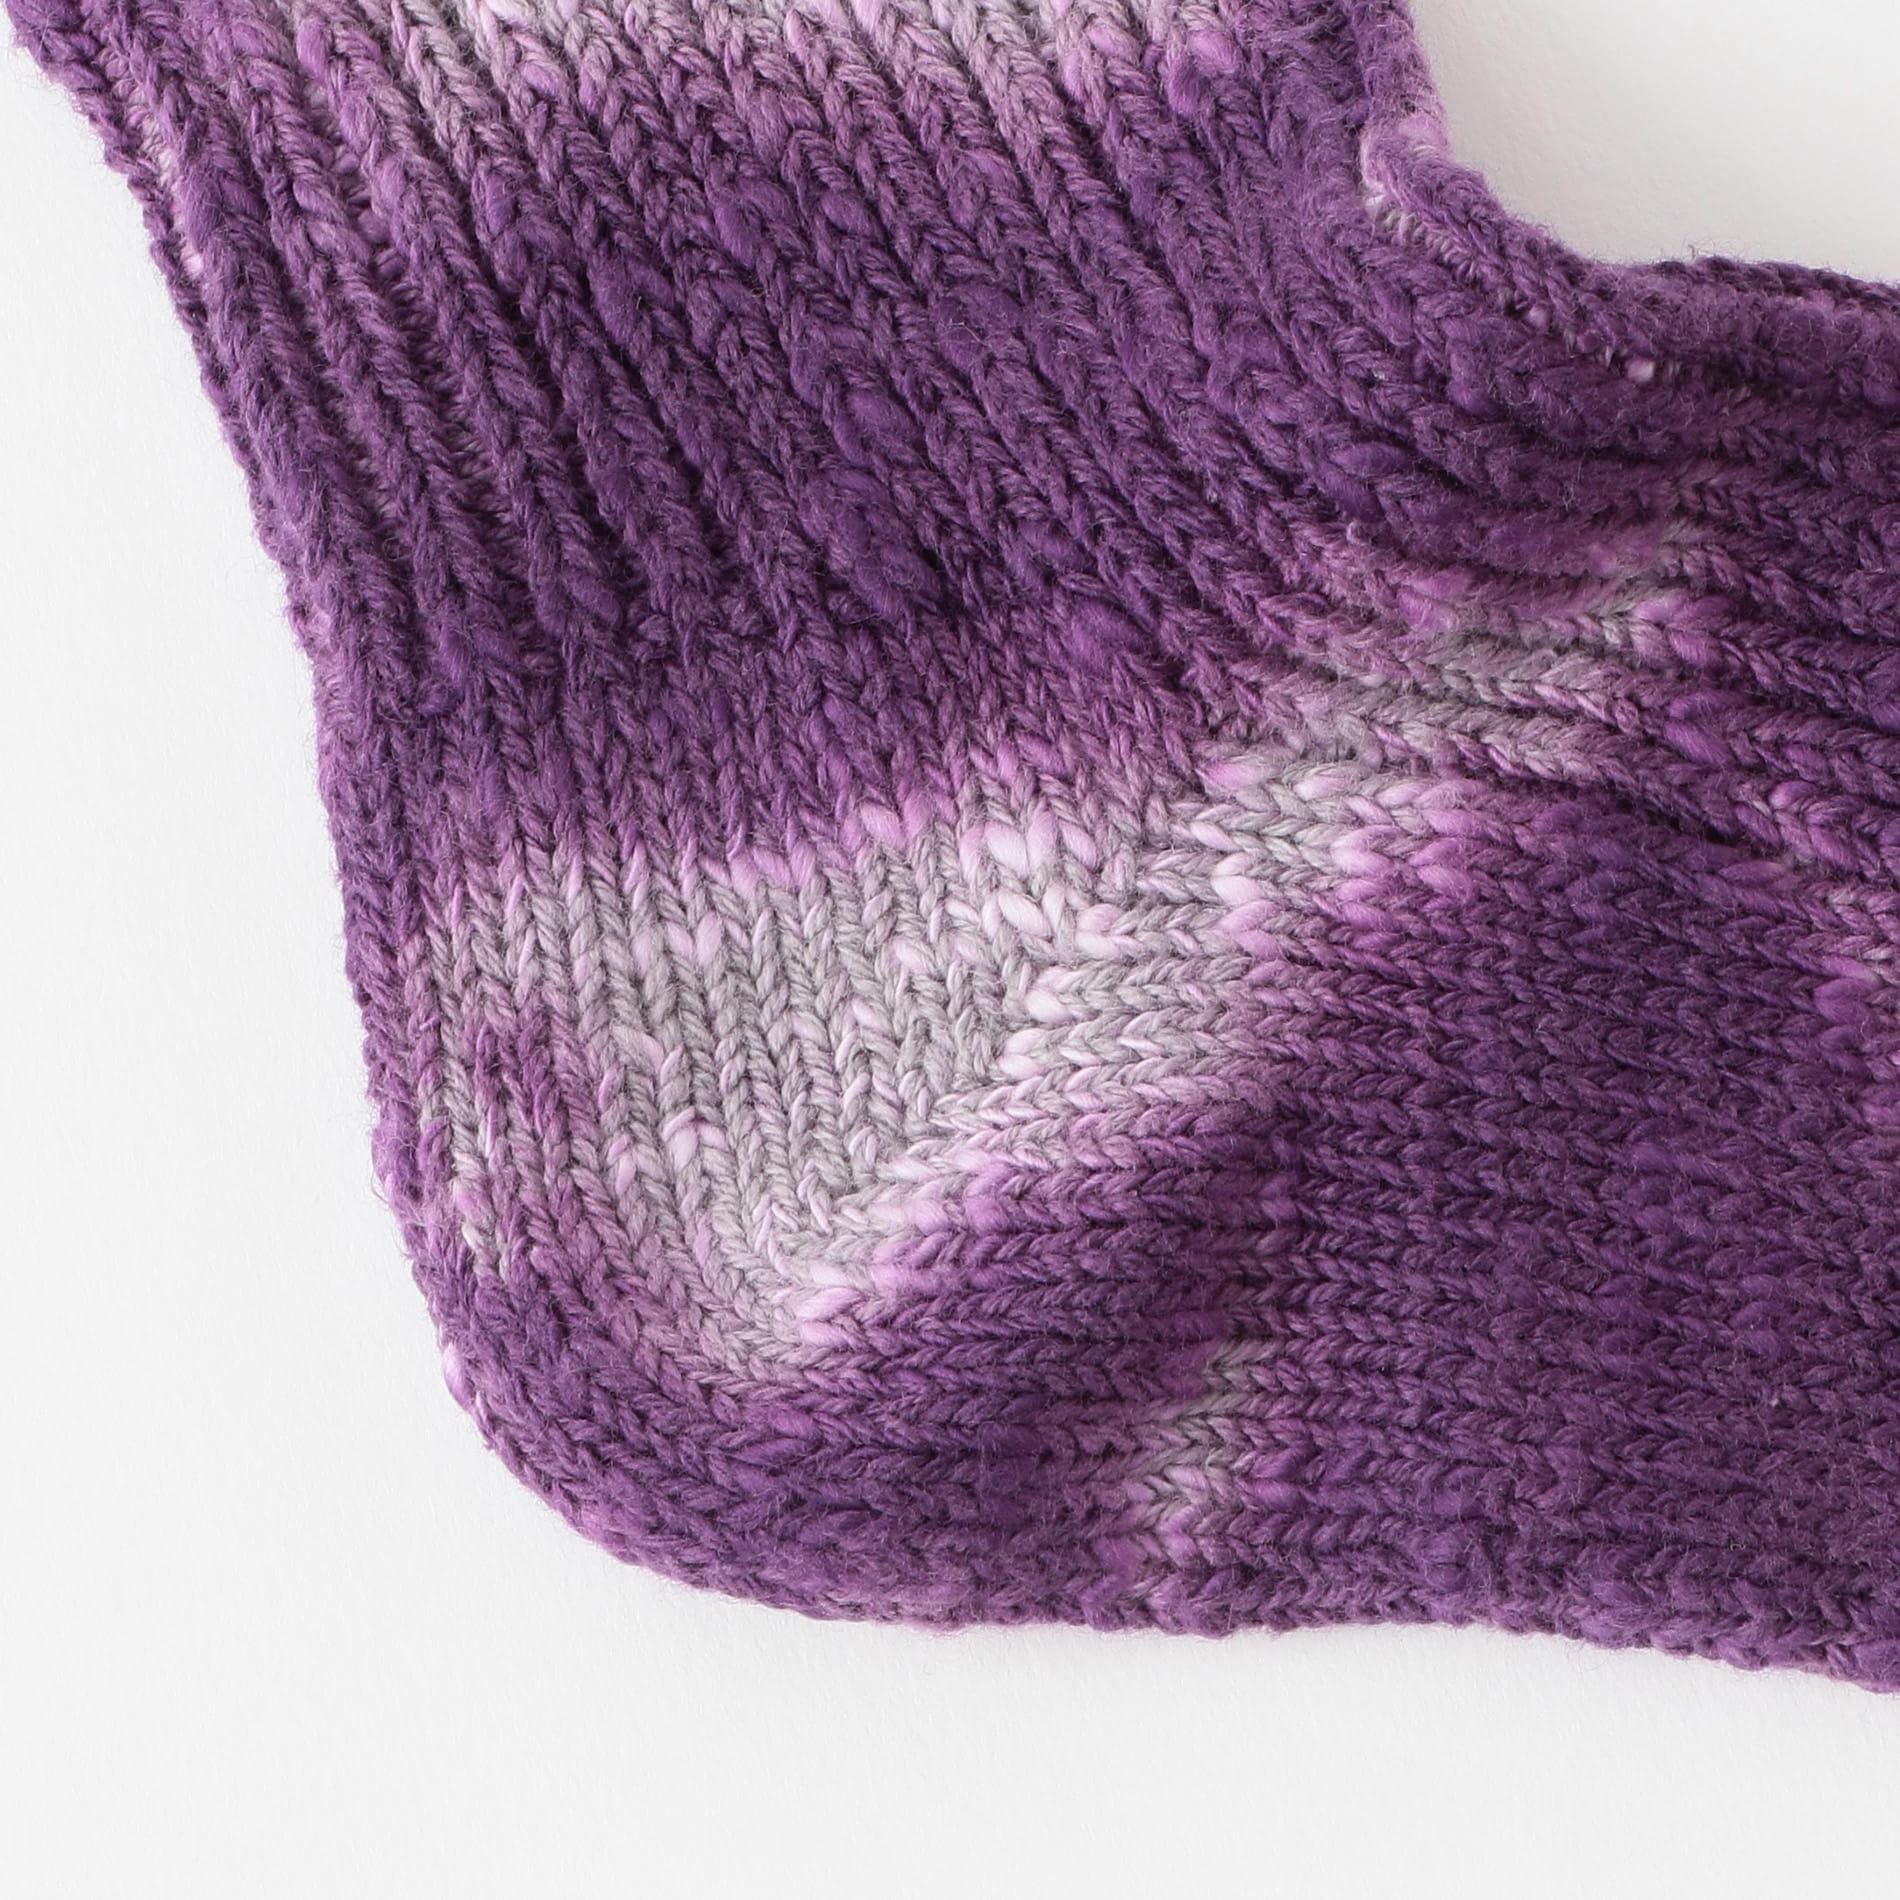 【Charcoal】MEN ソックス OC Cotton Slub Mix Socks Tye-Dye 20-22-4-052